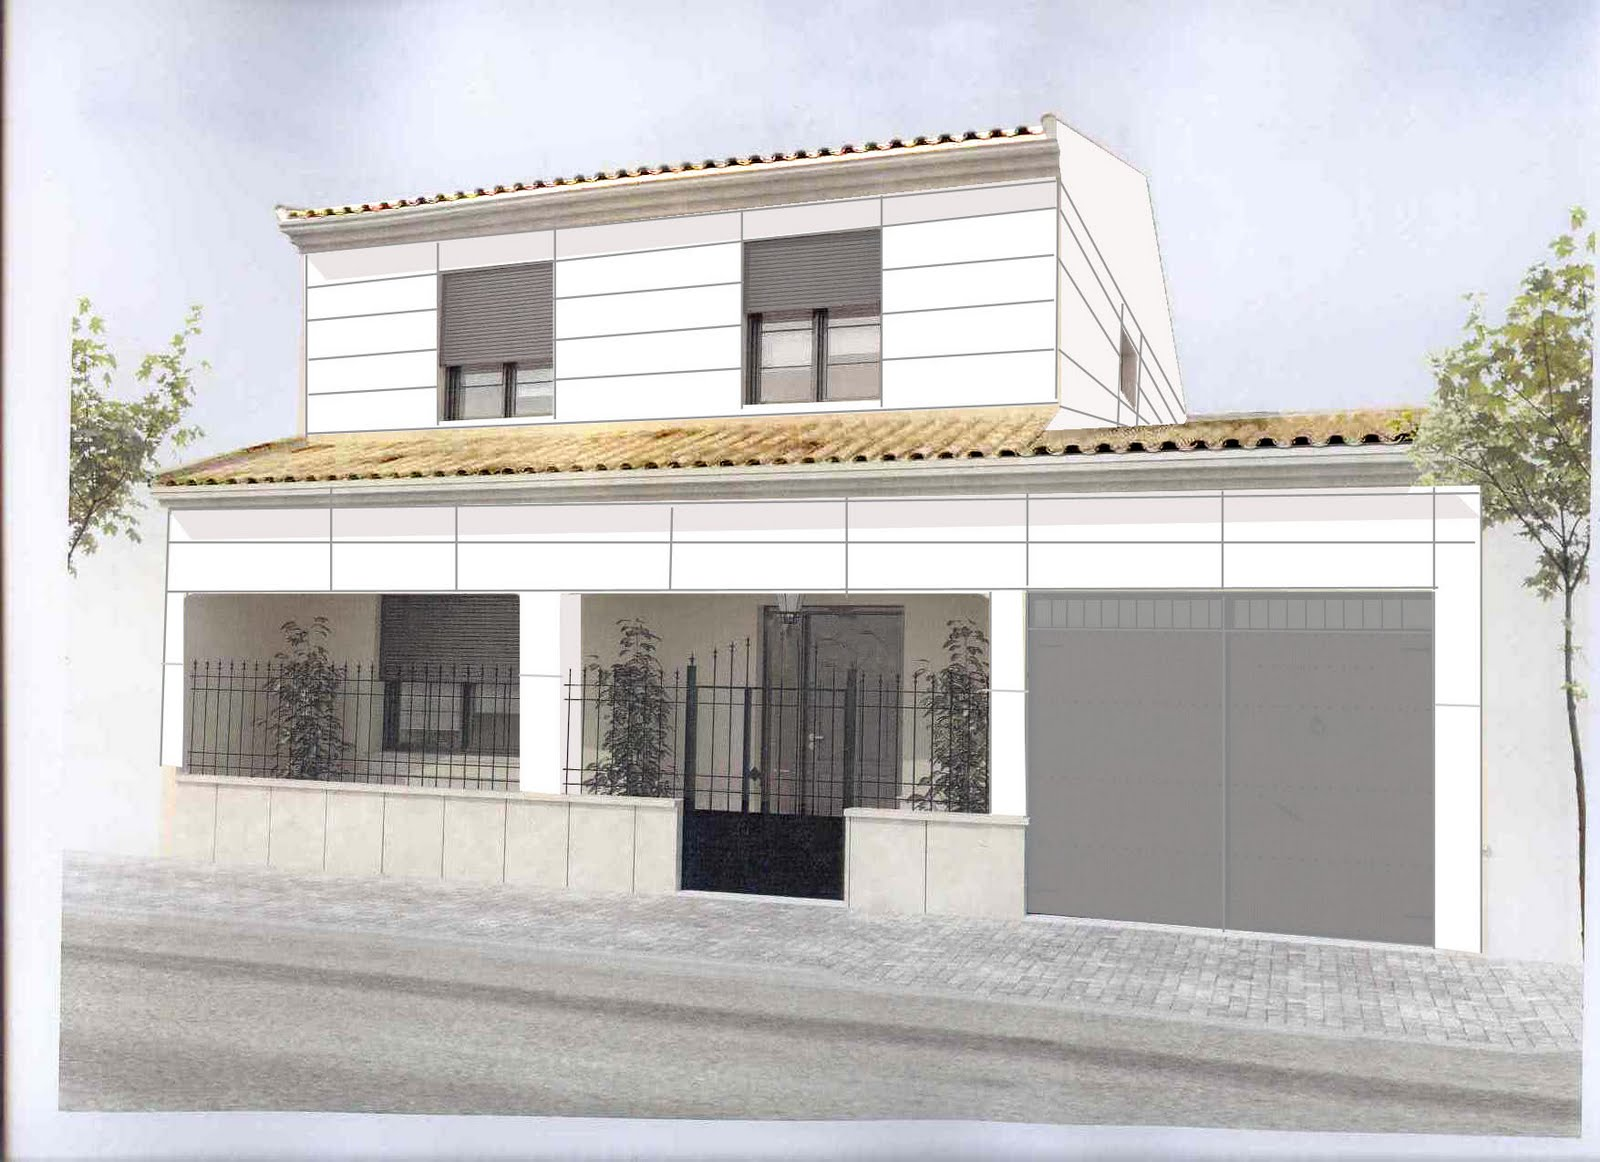 Tengounprimoarquitecto qu hago con el pasillo y la fachada - Zocalos de fachadas ...